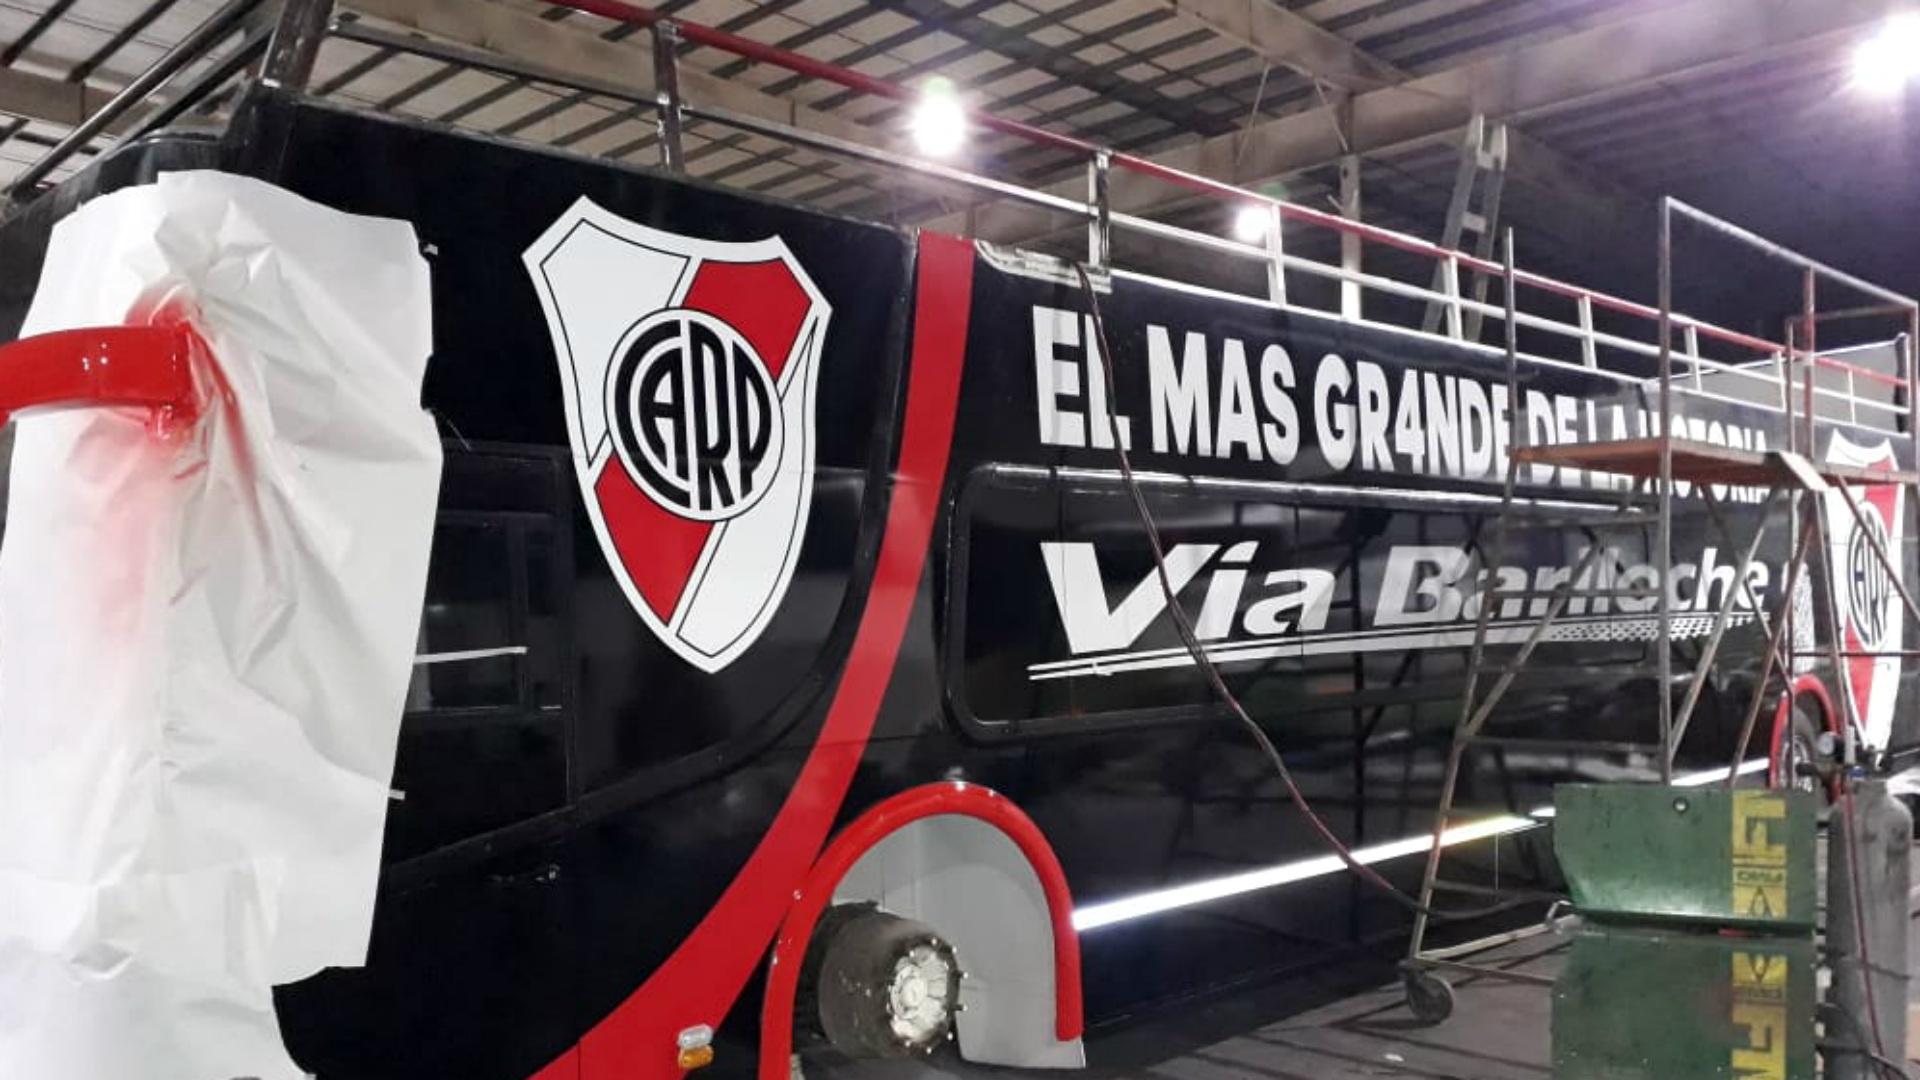 River Plate micro festejo campeon 2018